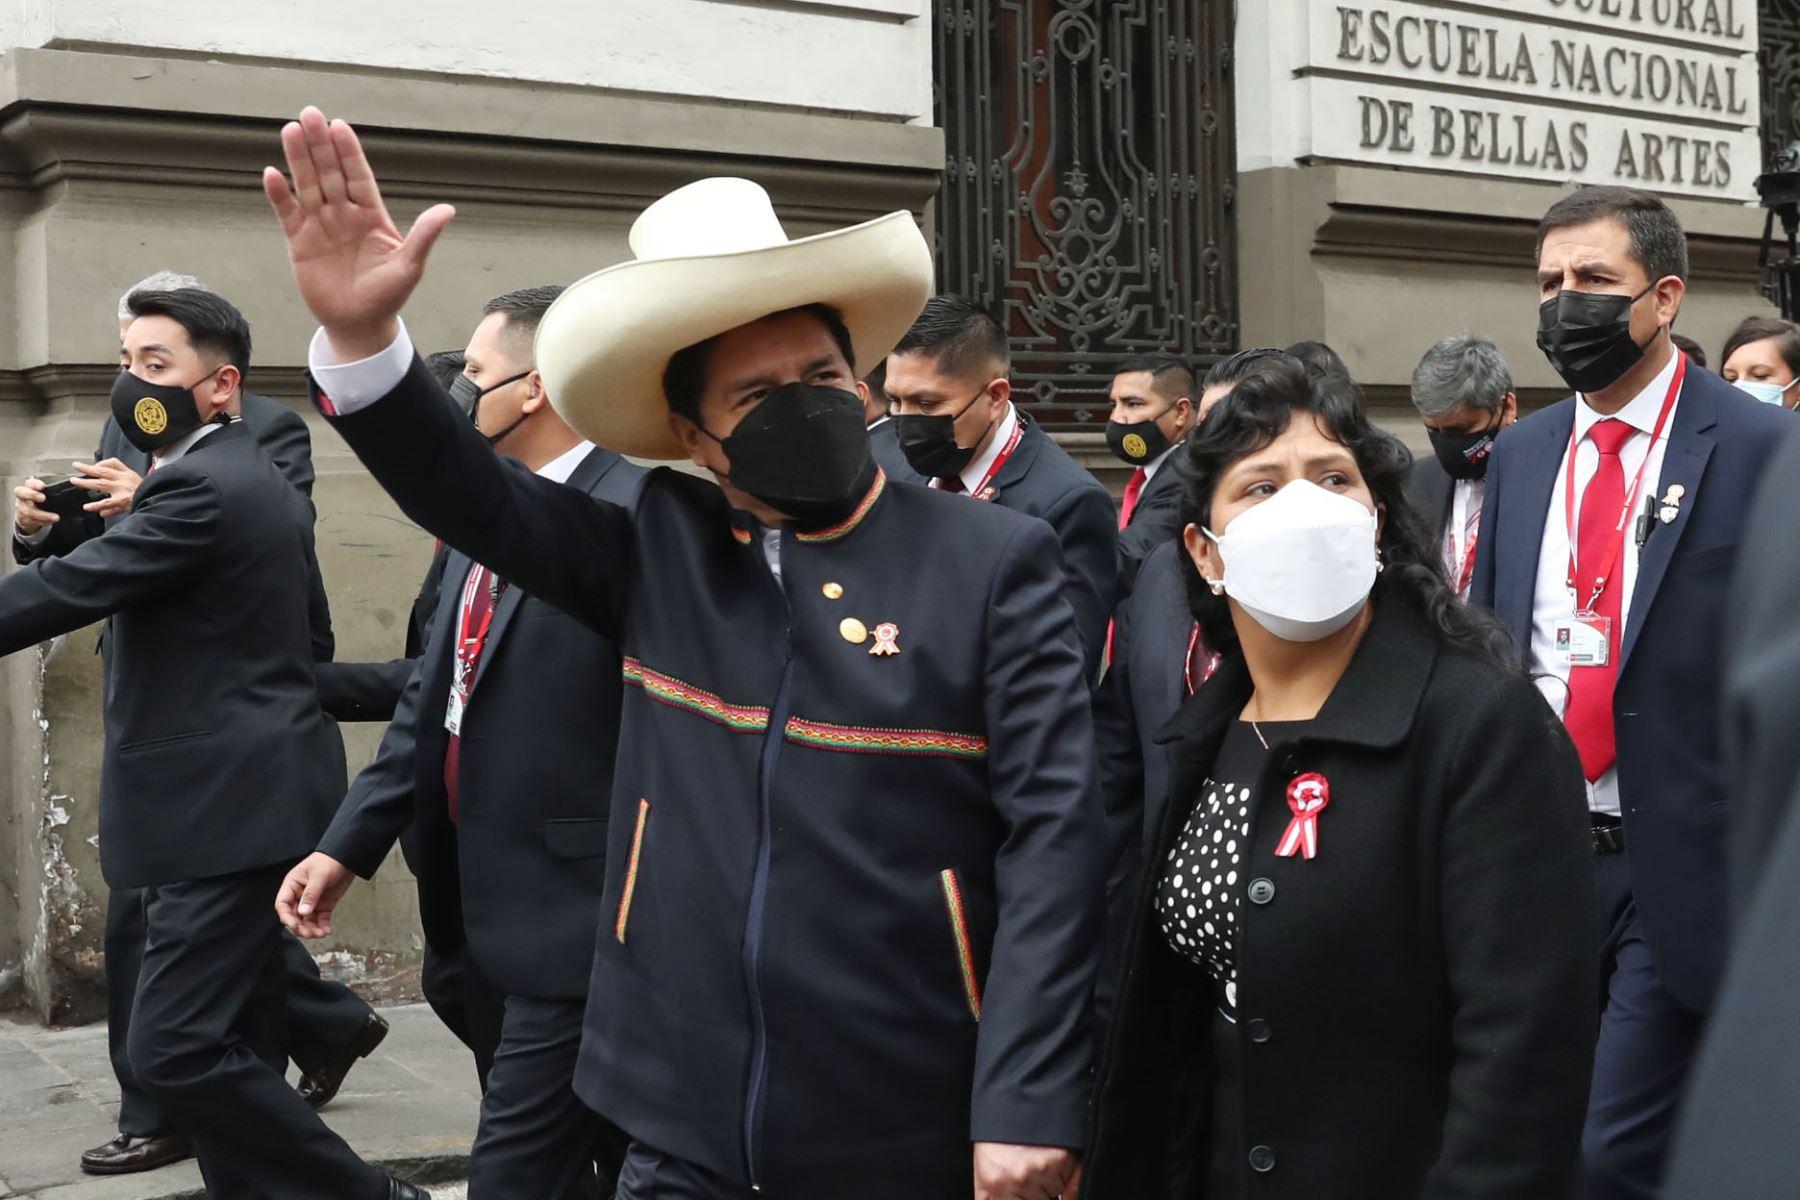 Presidente Pedro Castillo, junto a su esposa Lilia Paredes  se dirige al Congreso de la República por la calle Junín.Foto: ANDINA/Carla Patiño Ramírez